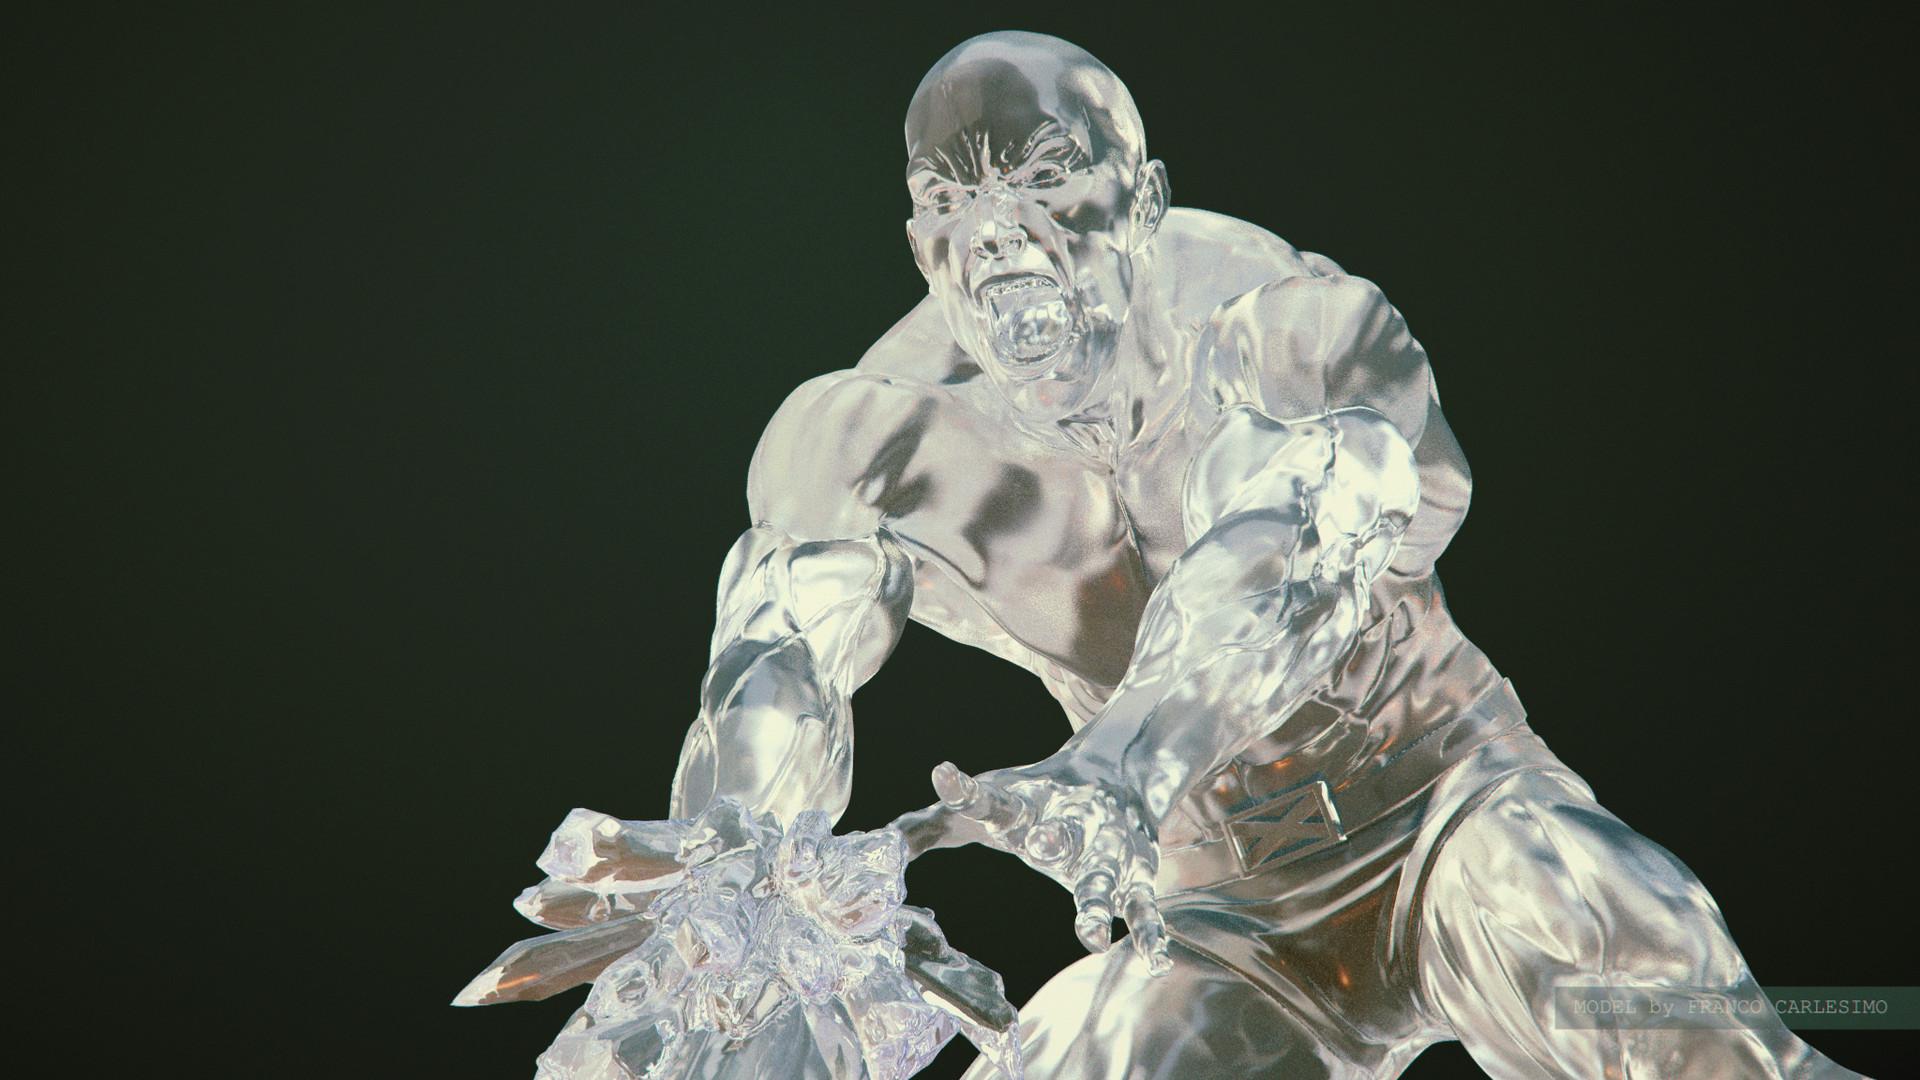 Franco carlesimo iceman comp 00006